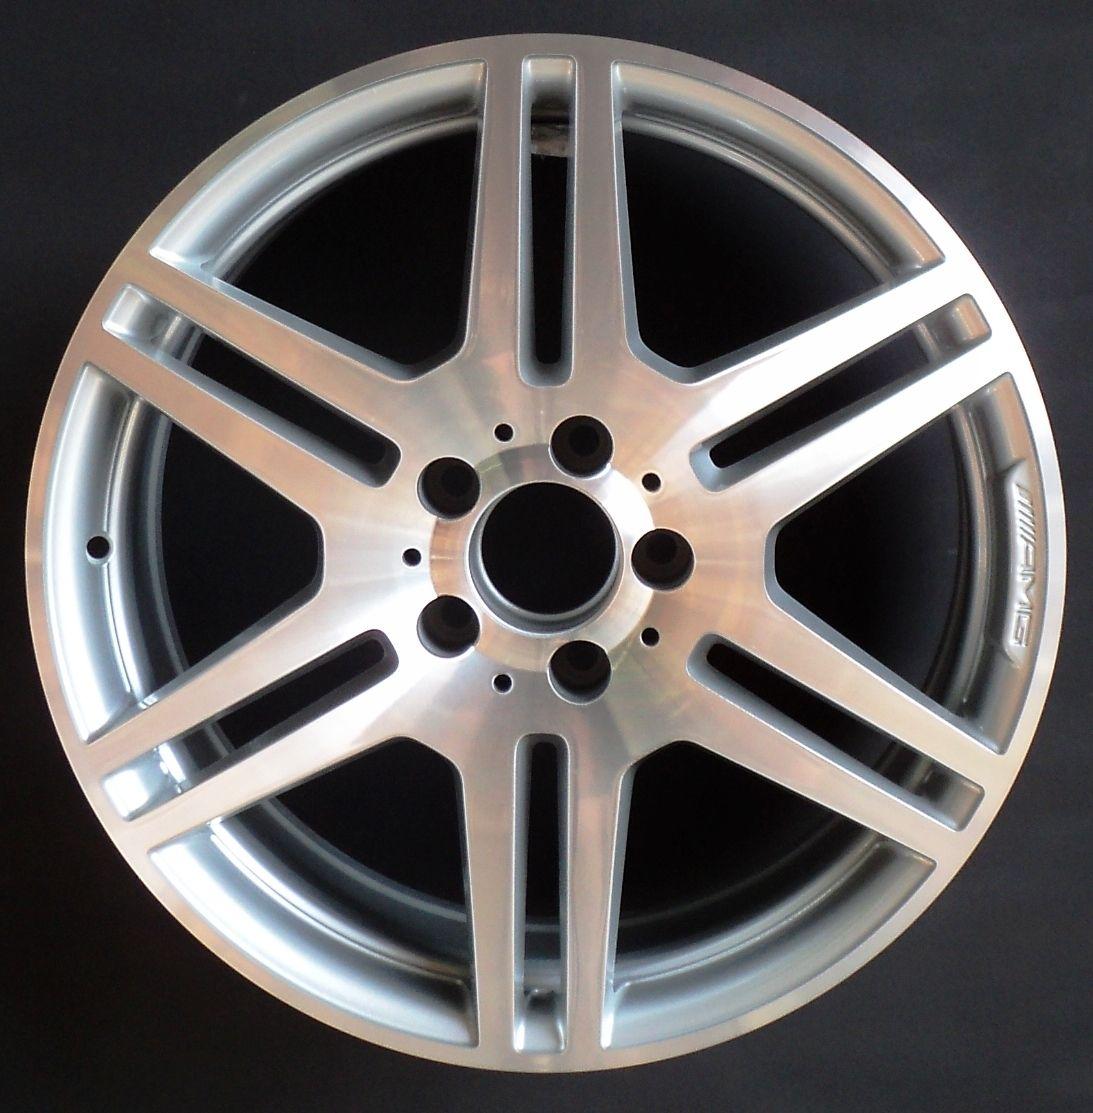 10 11 Mercedes AMG E350 E550 18 6 Double Spoke Factory OEM Wheel Rim H